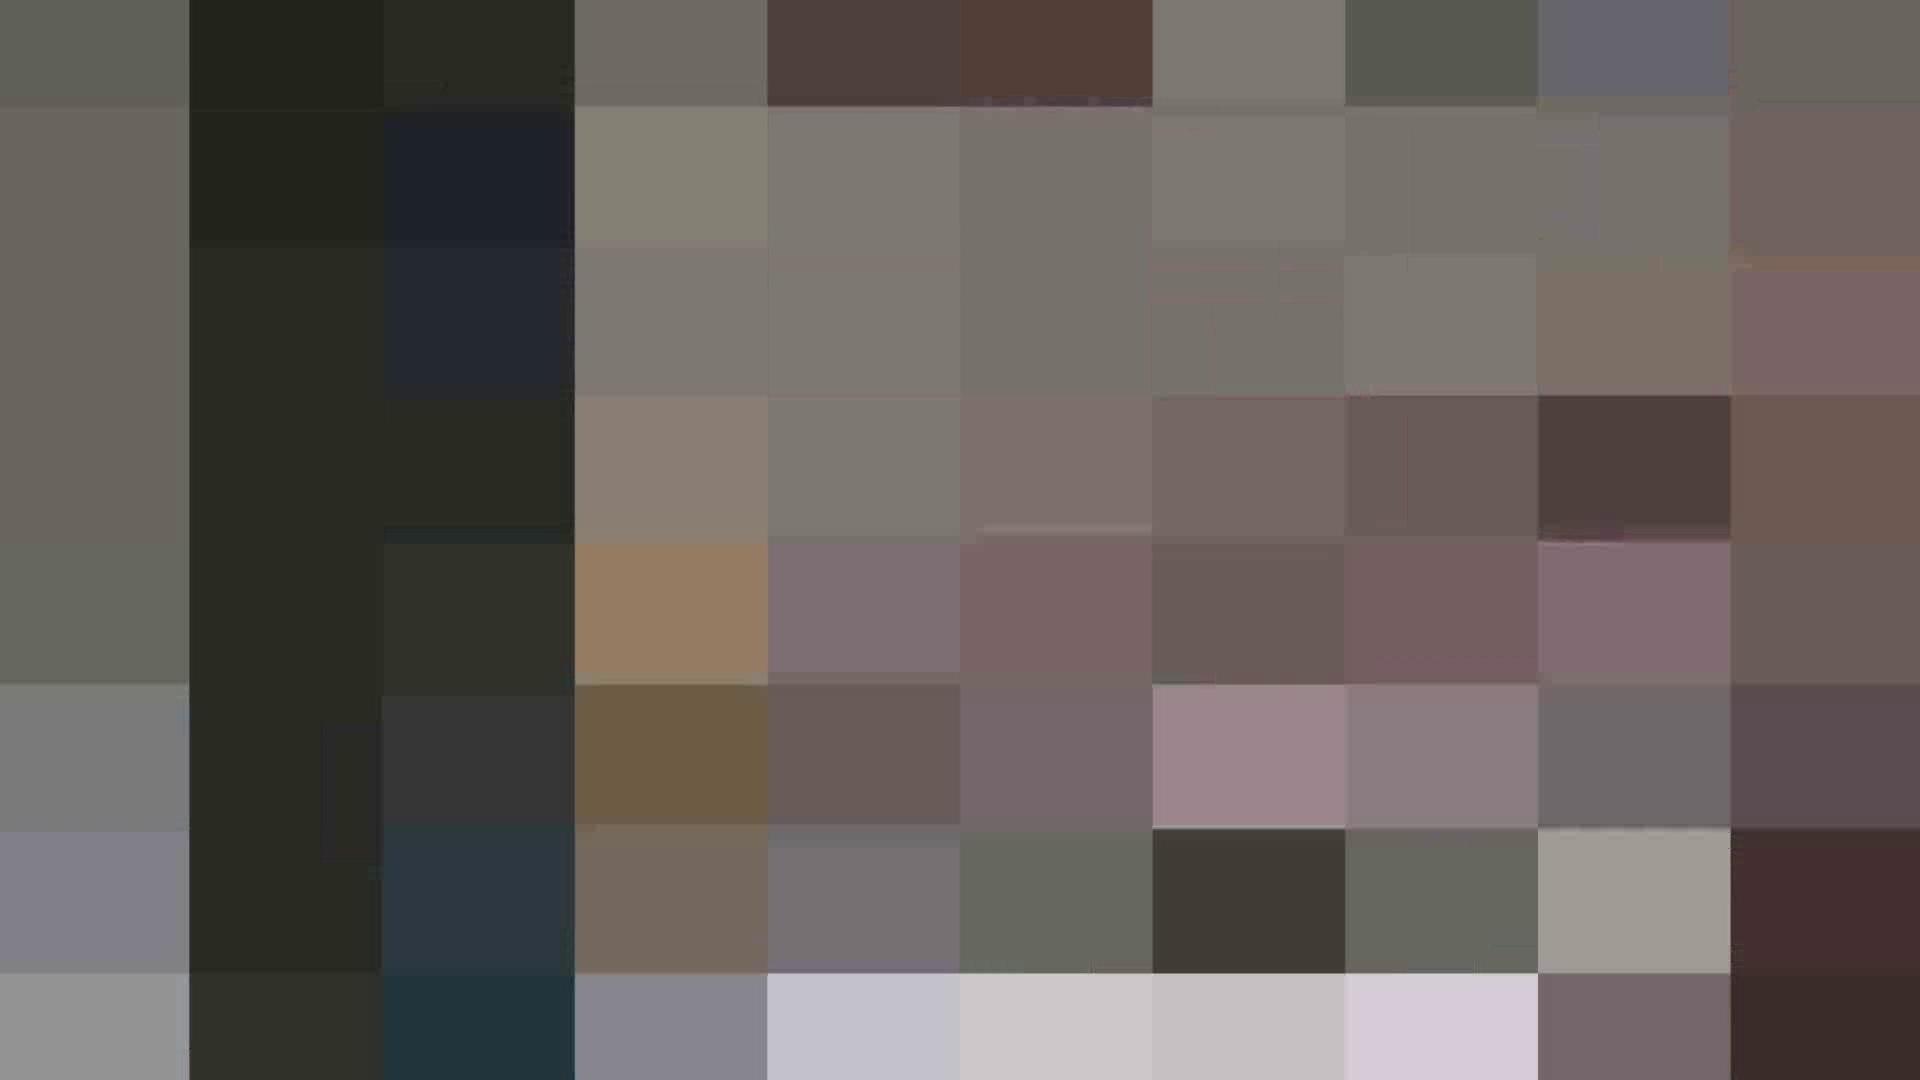 真剣に買い物中のgal達を上から下から狙います。vol.01 OLヌード天国  77PIX 20